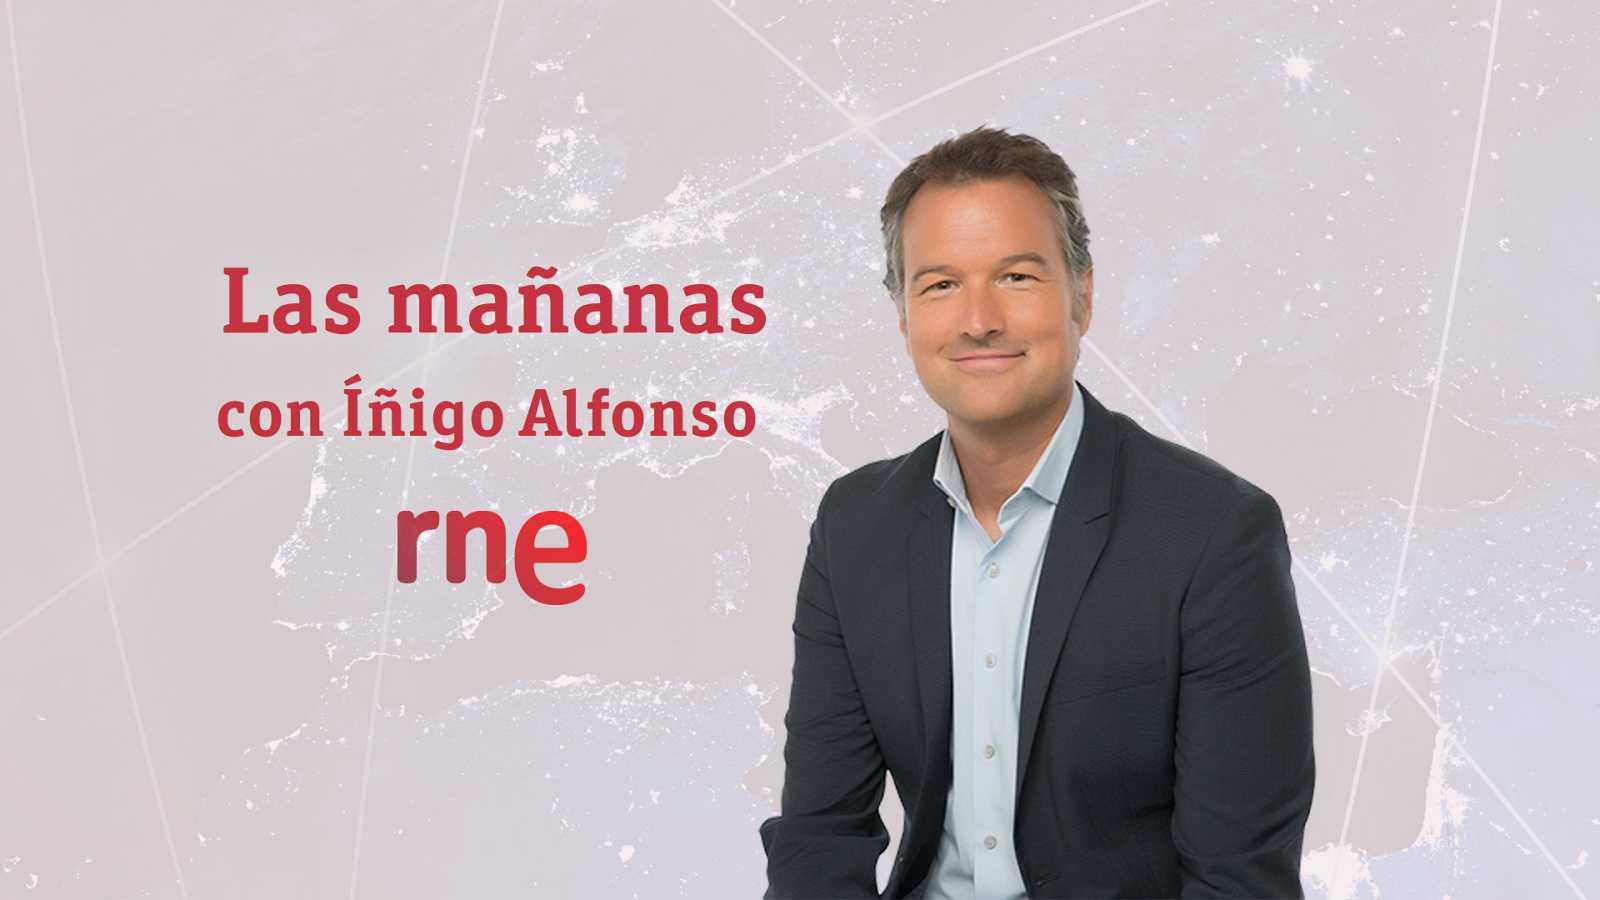 Las mañanas de RNE con Íñigo Alfonso - Primera hora - 29/05/20 - Escuchar ahora